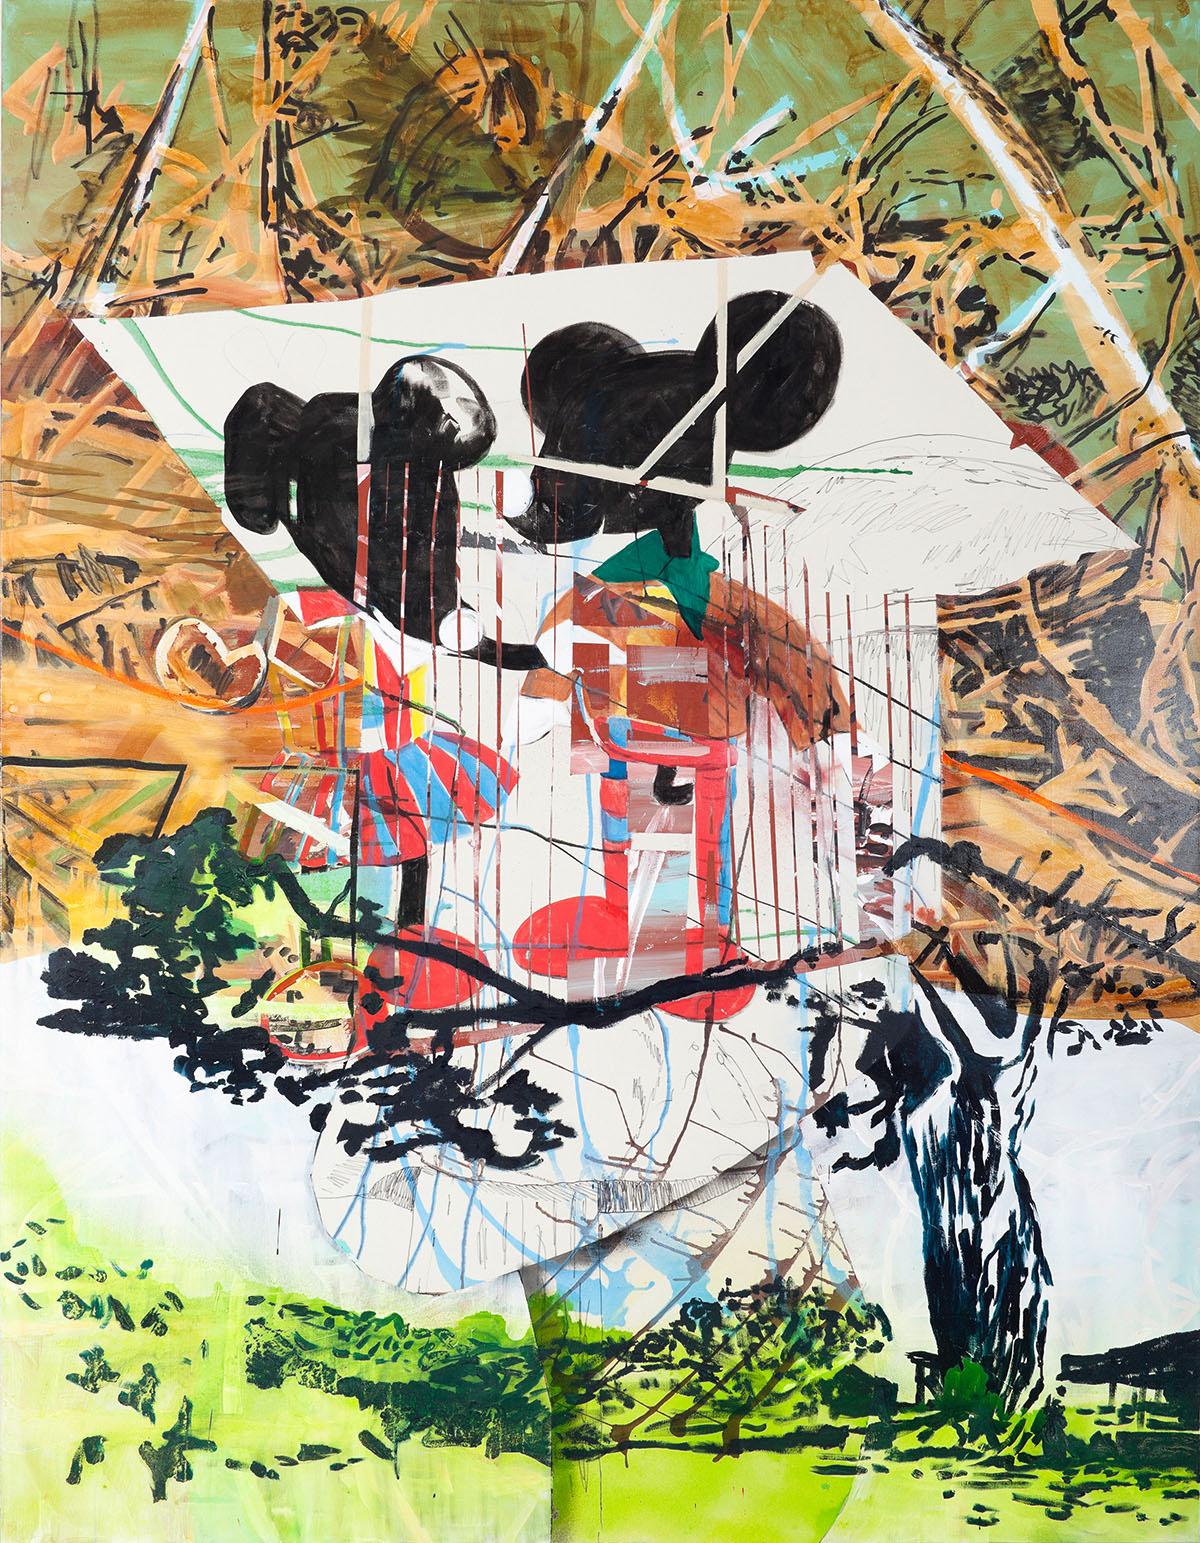 """o.T. aus """"Alm Alb Pacific"""", 2014, 270 x 210 cm, Mischtechnik auf Leinwand"""